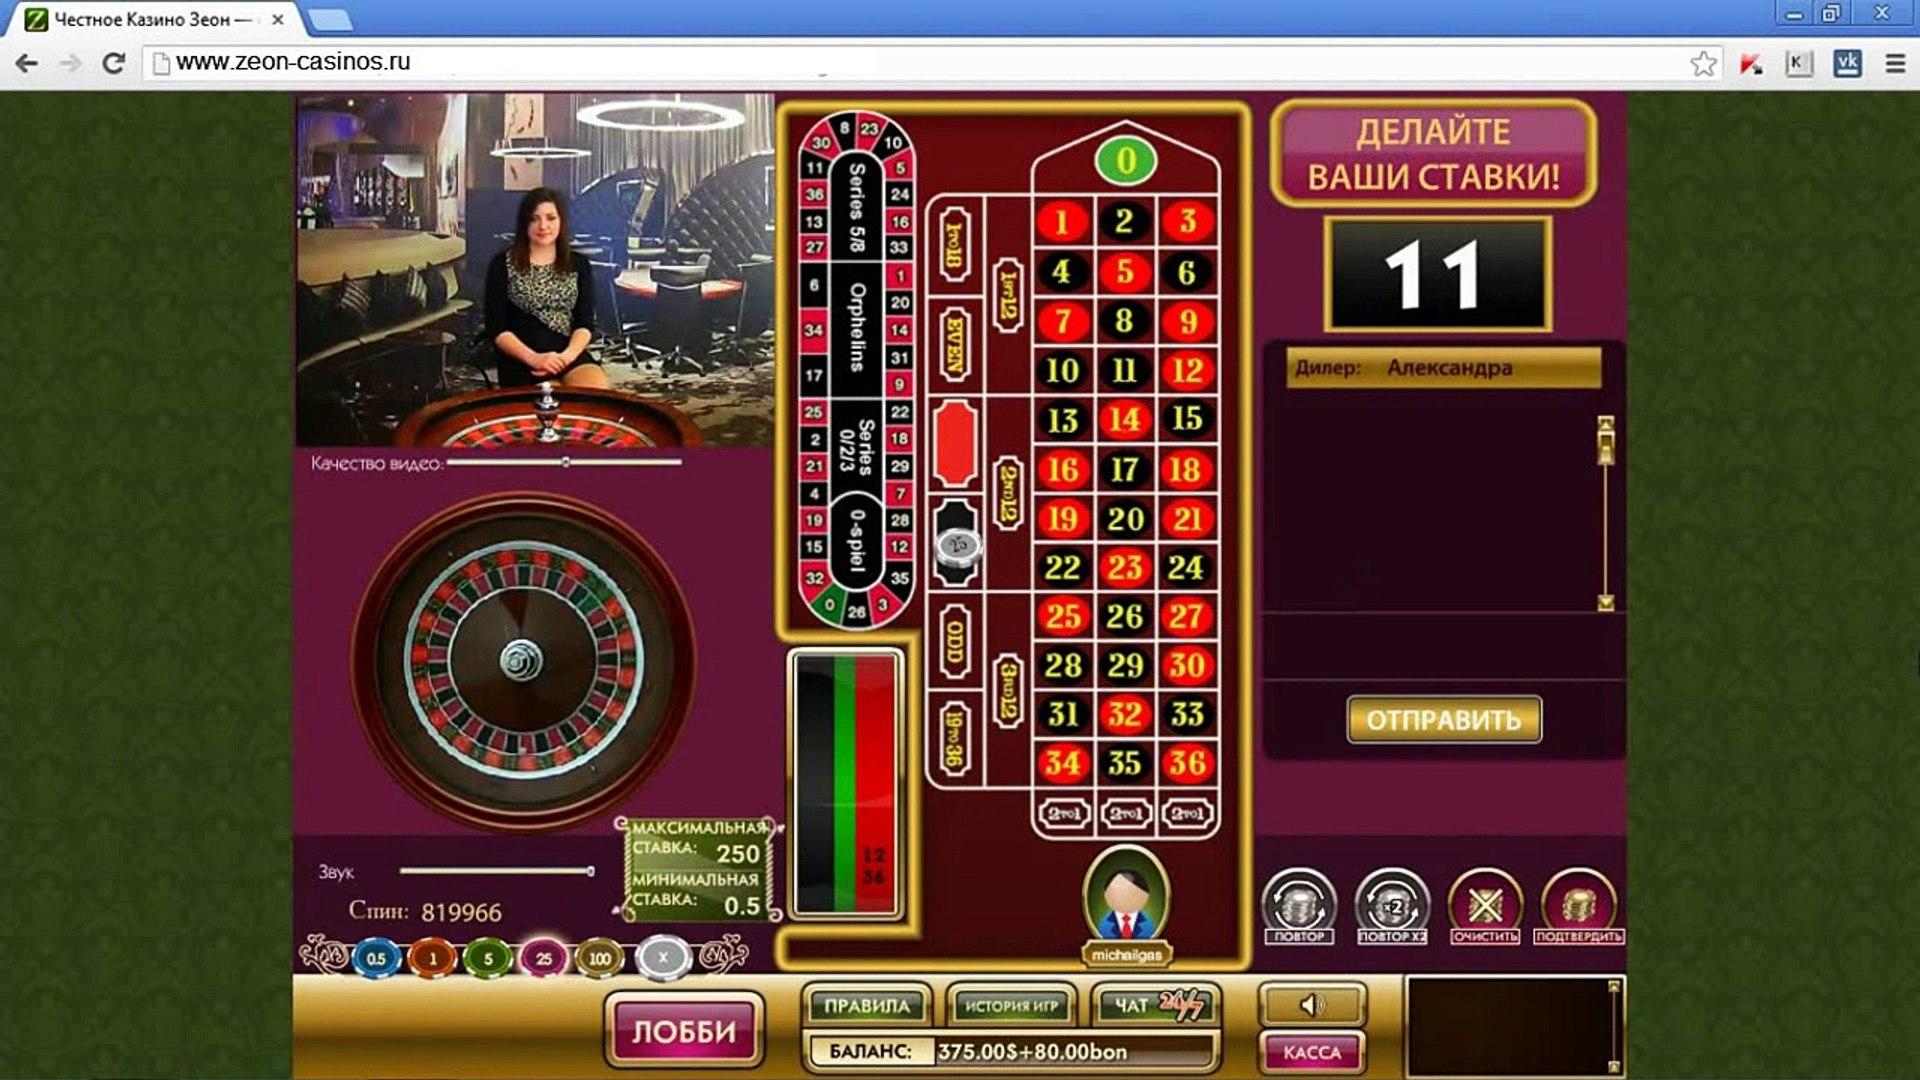 онлайн бесплатно казино зеон играть